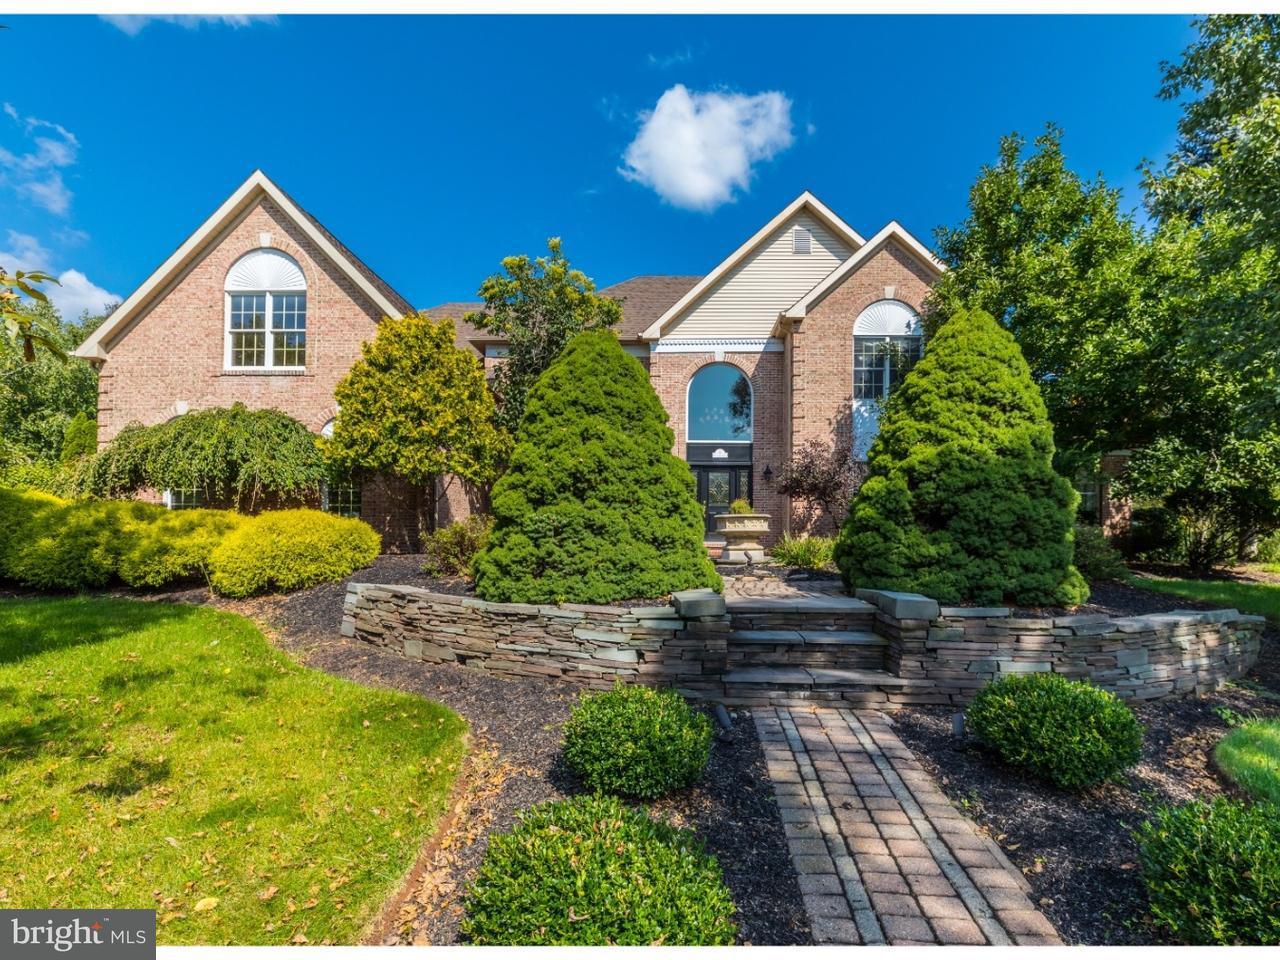 단독 가정 주택 용 매매 에 91 SOUTHFIELD Drive Belle Mead, 뉴저지 08502 미국에서/약: Montgomery Township